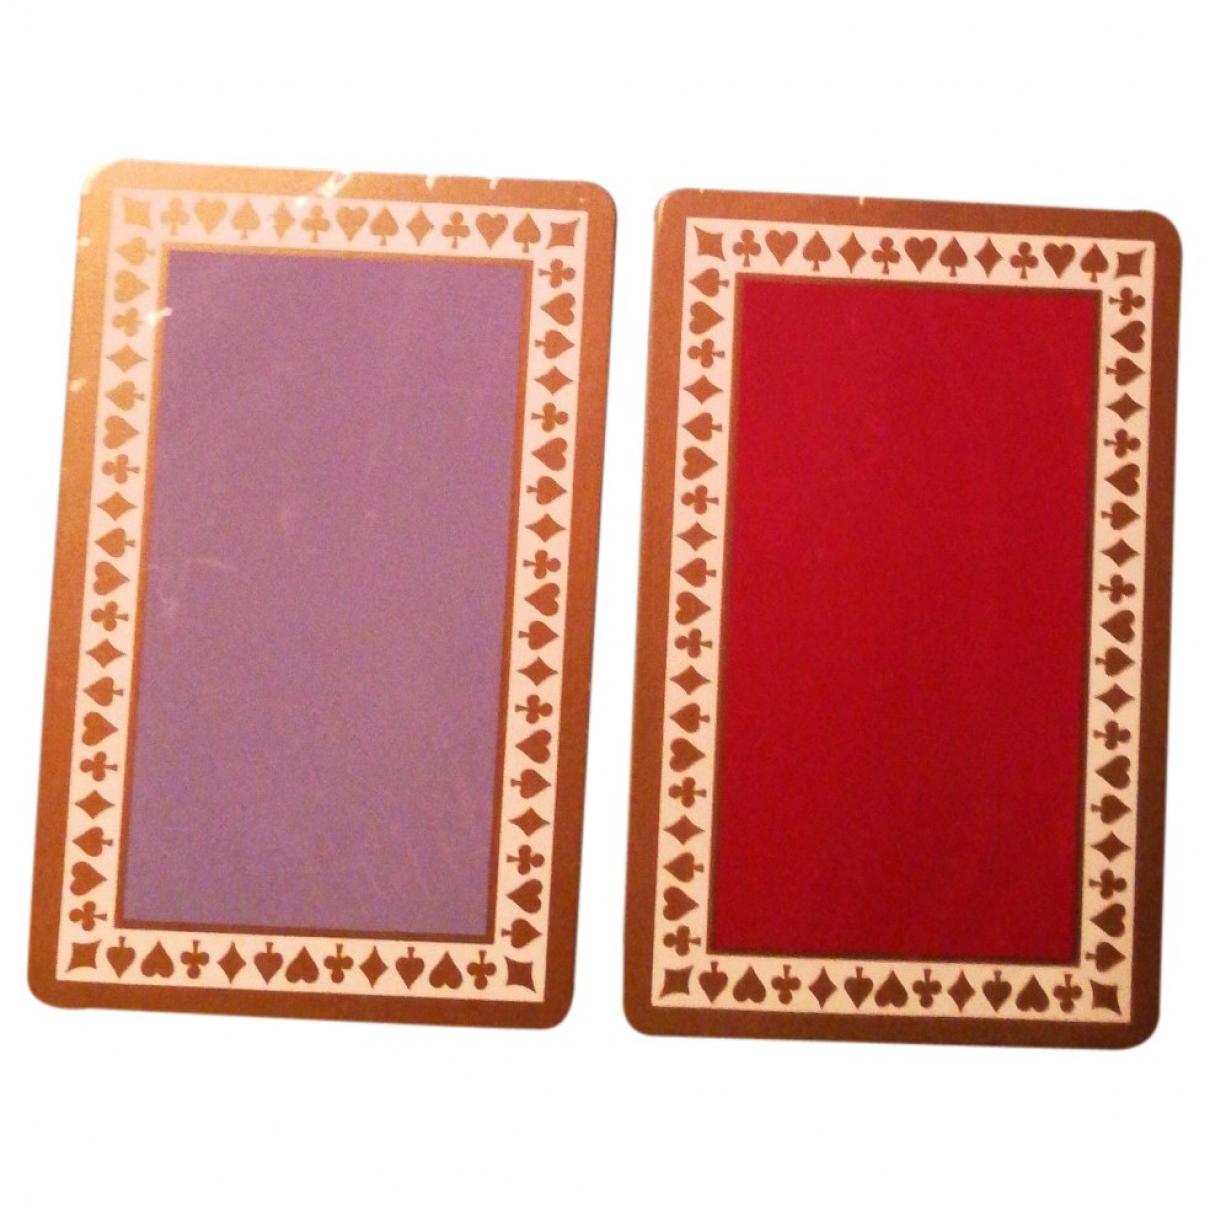 Juego de cartas Tiffany & Co